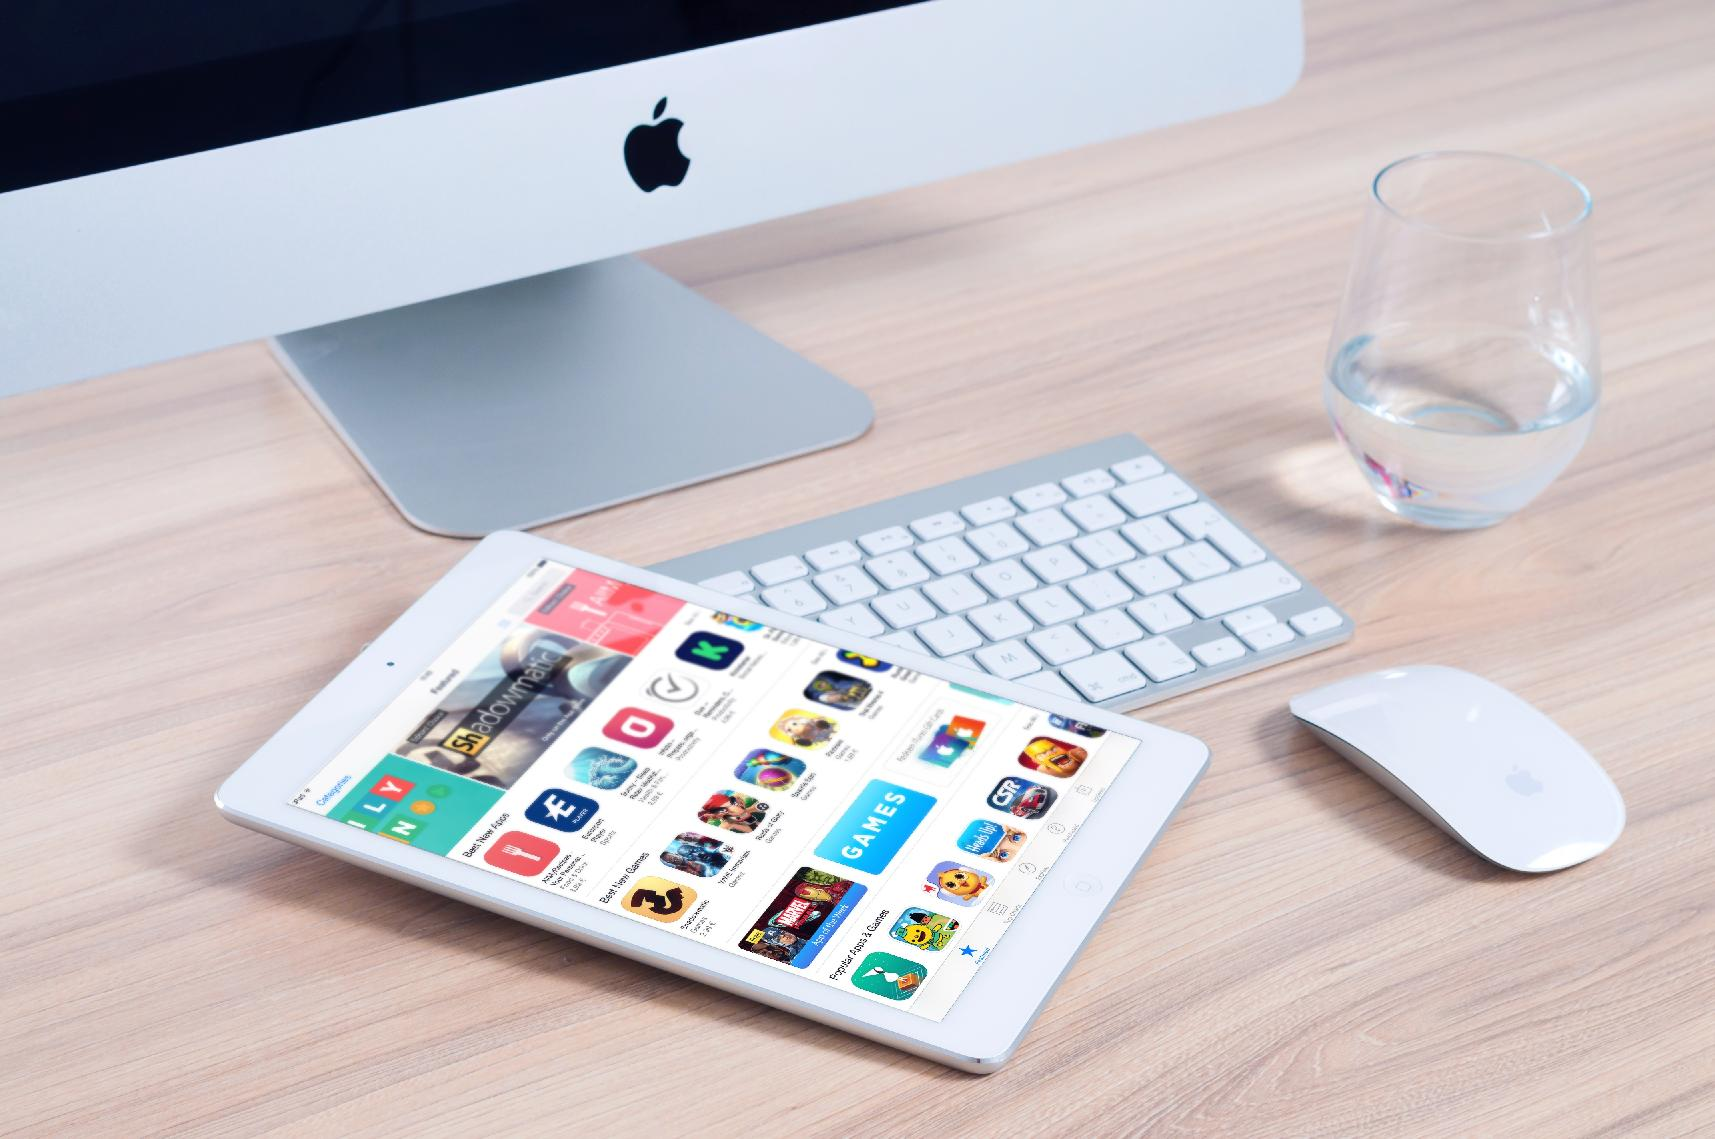 Exklusiv Freemium oder Paywall: Zeitungen, Apps und der Umgang mit dem Kunden